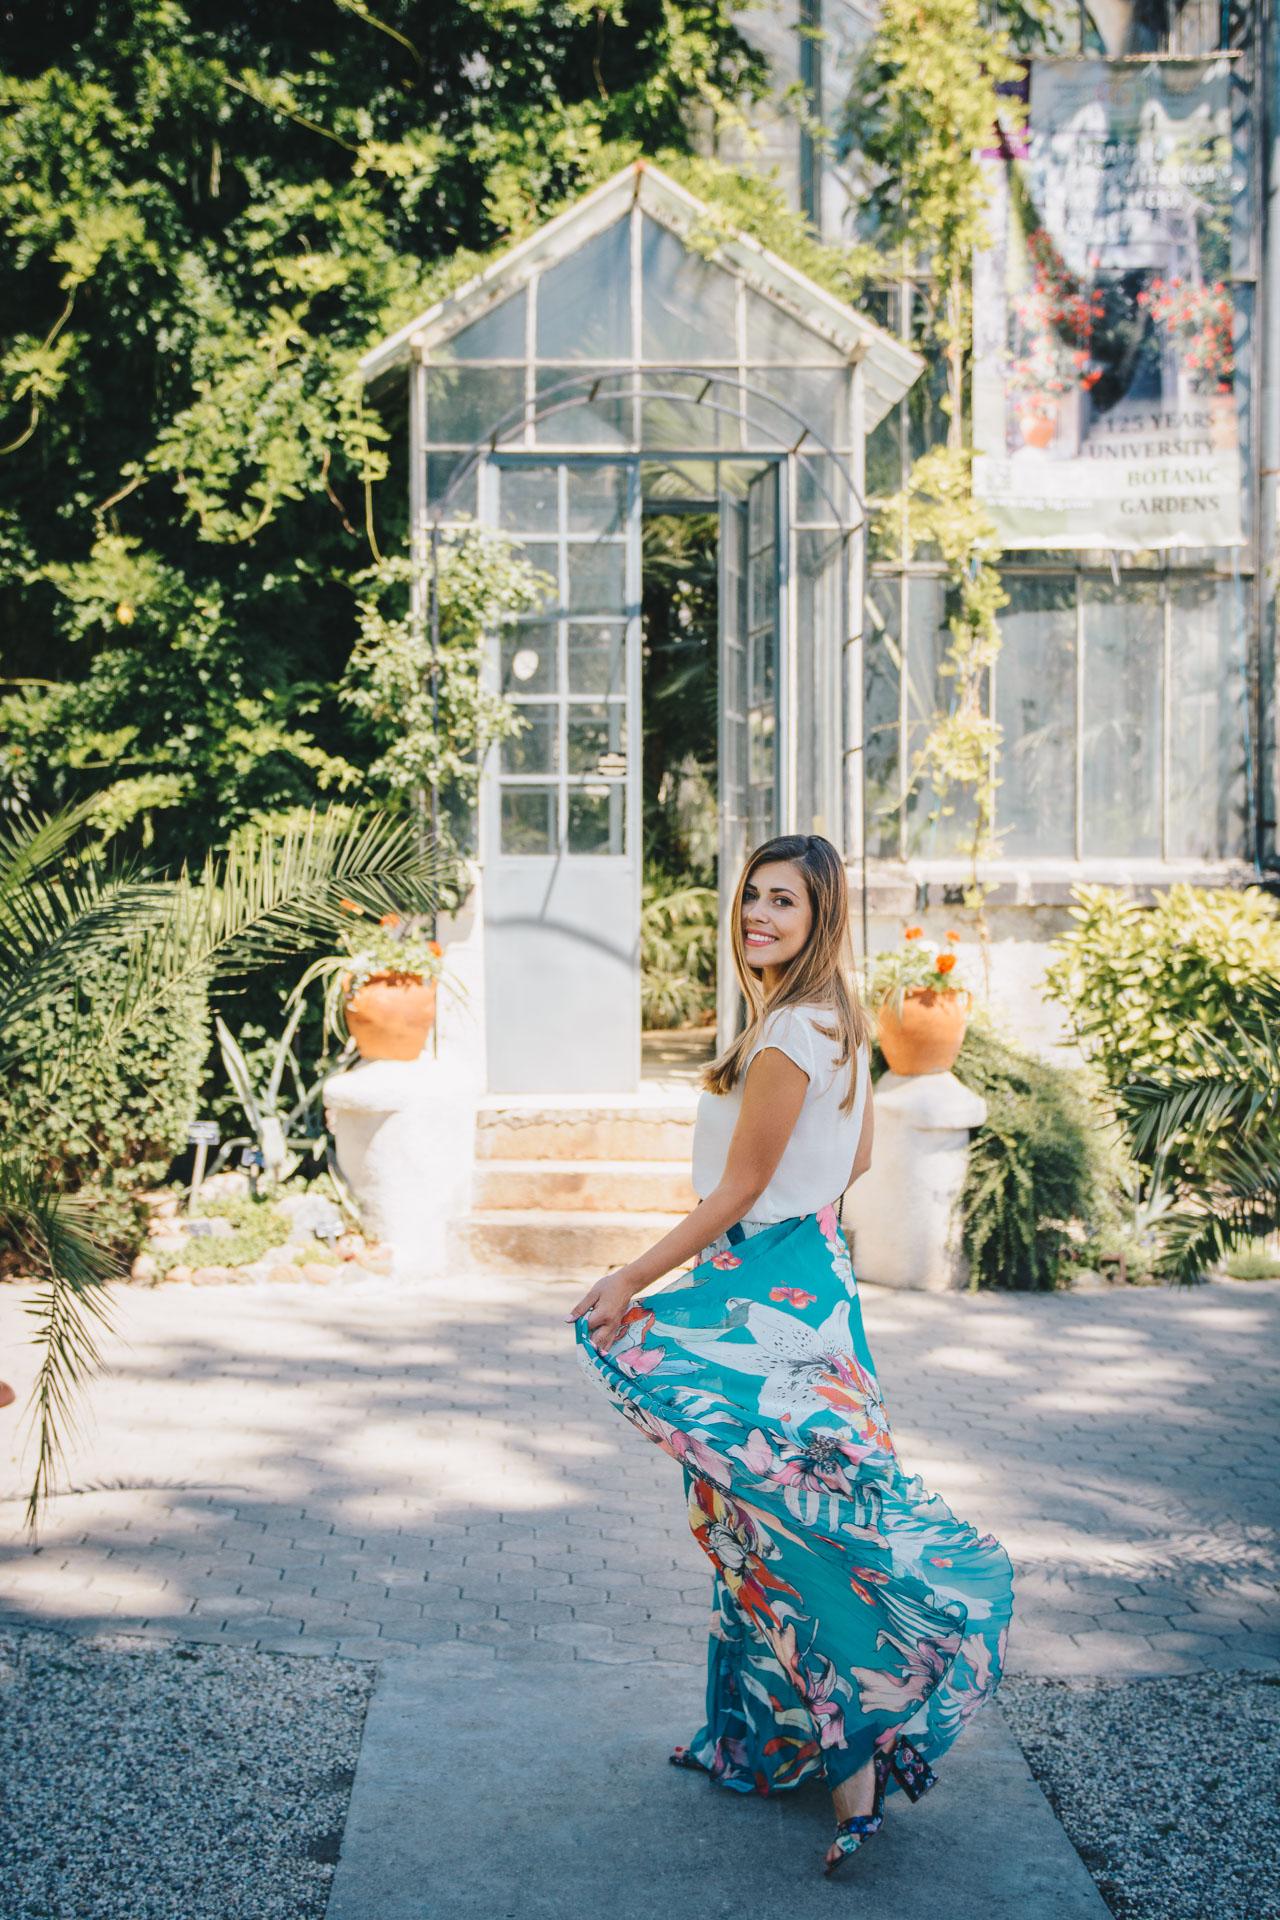 Floral skirt botanic garden